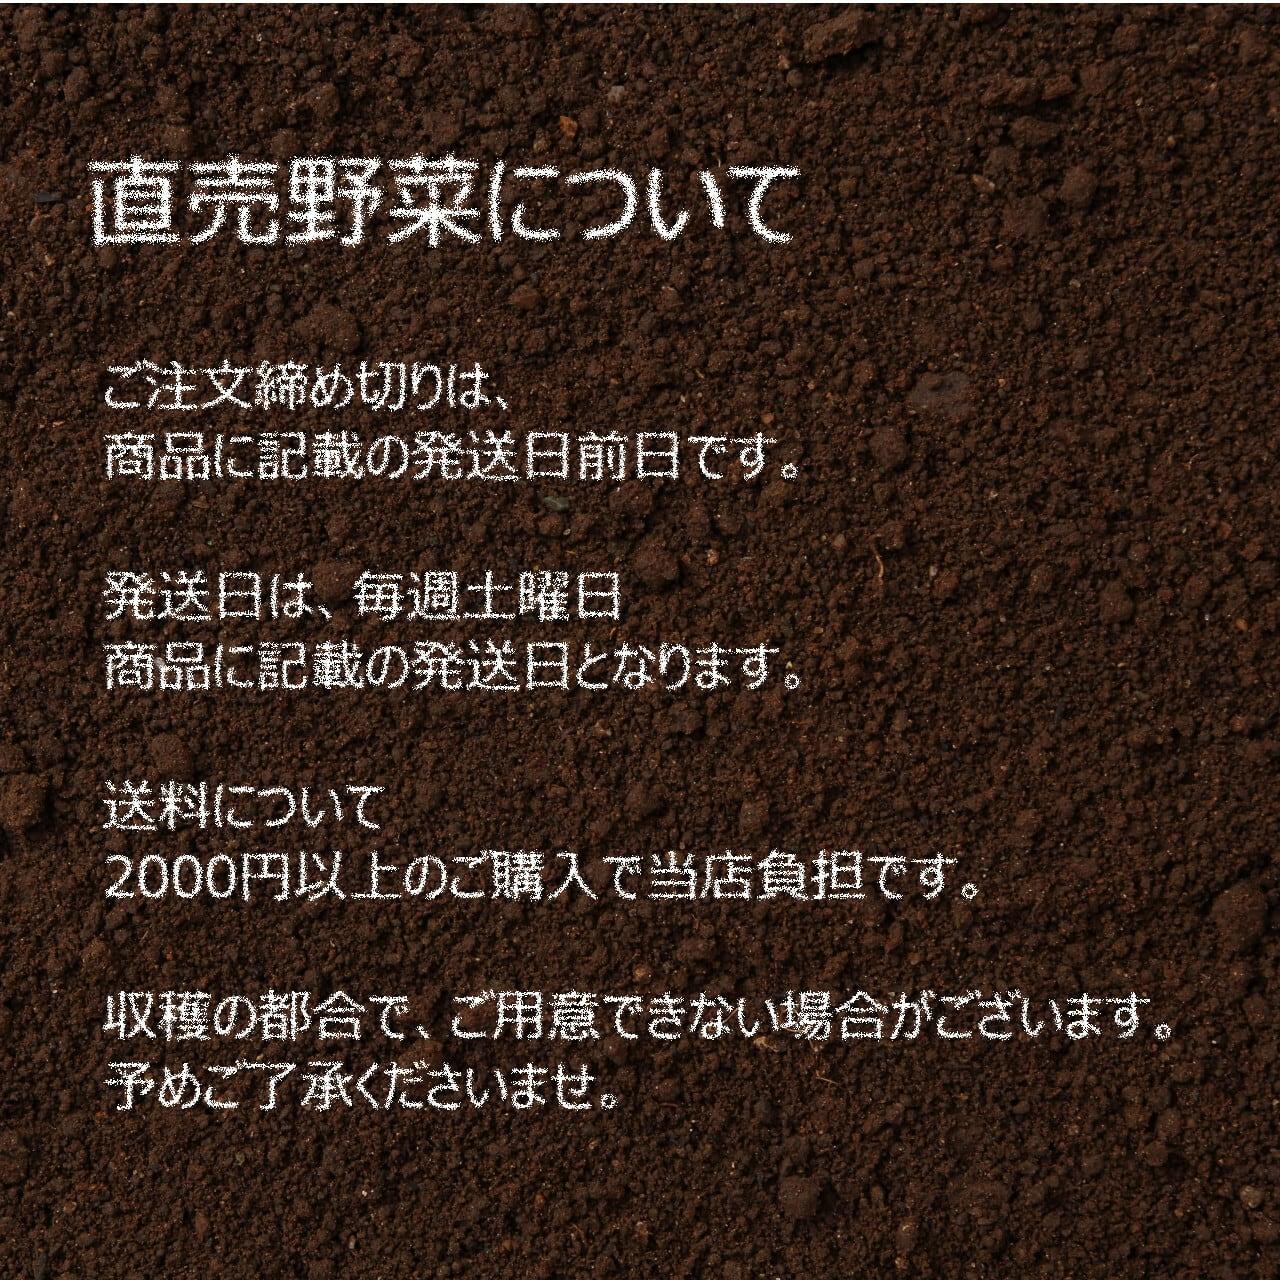 ピーマン 約300g : 6月の朝採り直売野菜  春の新鮮野菜 6月5日発送予定